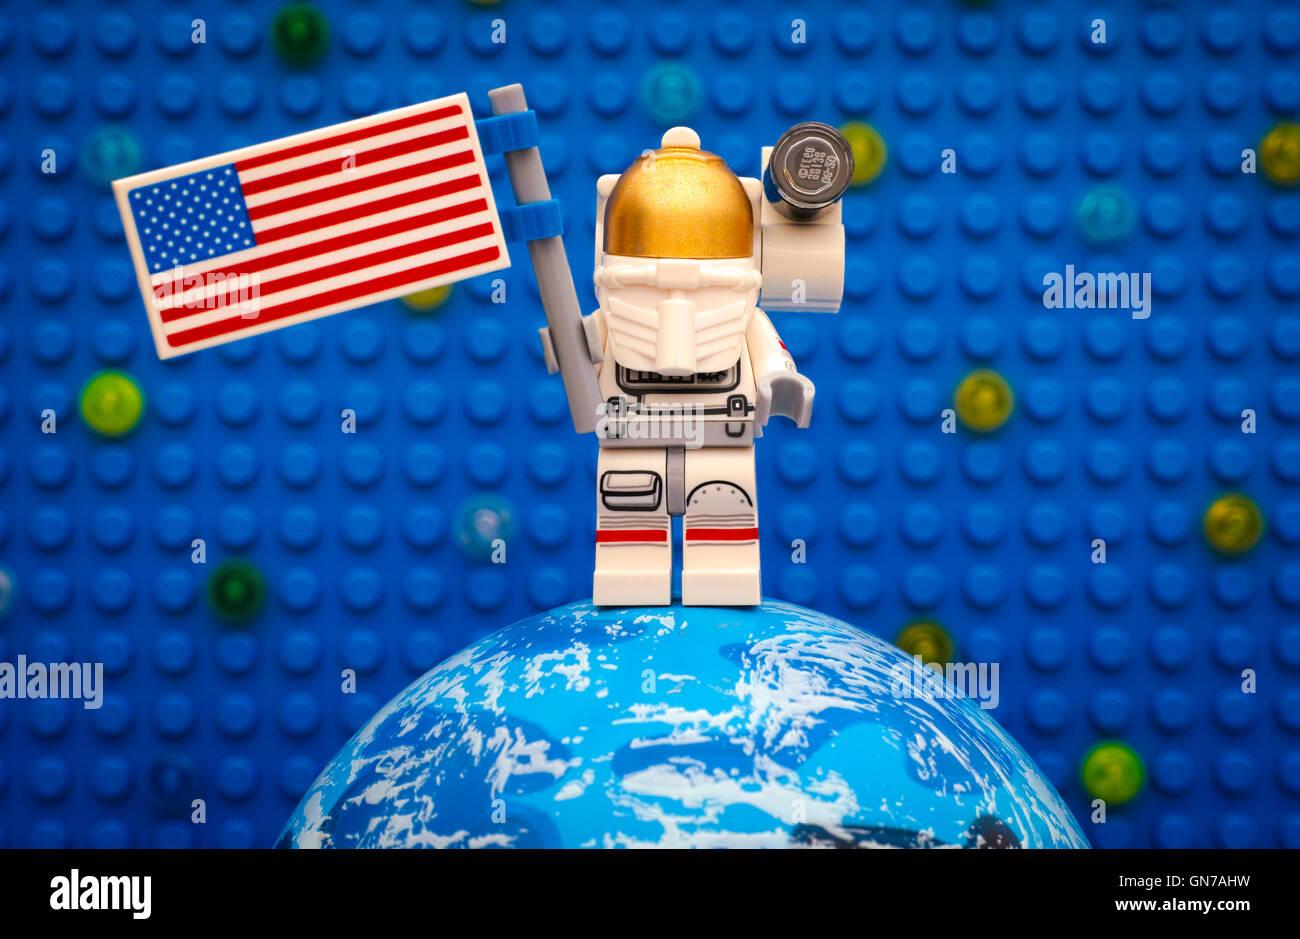 Tambow, Russische Föderation - 6. Juli 2016 Lego Spaceman Minifigur mit amerikanischen Flagge auf Planeten Stockbild